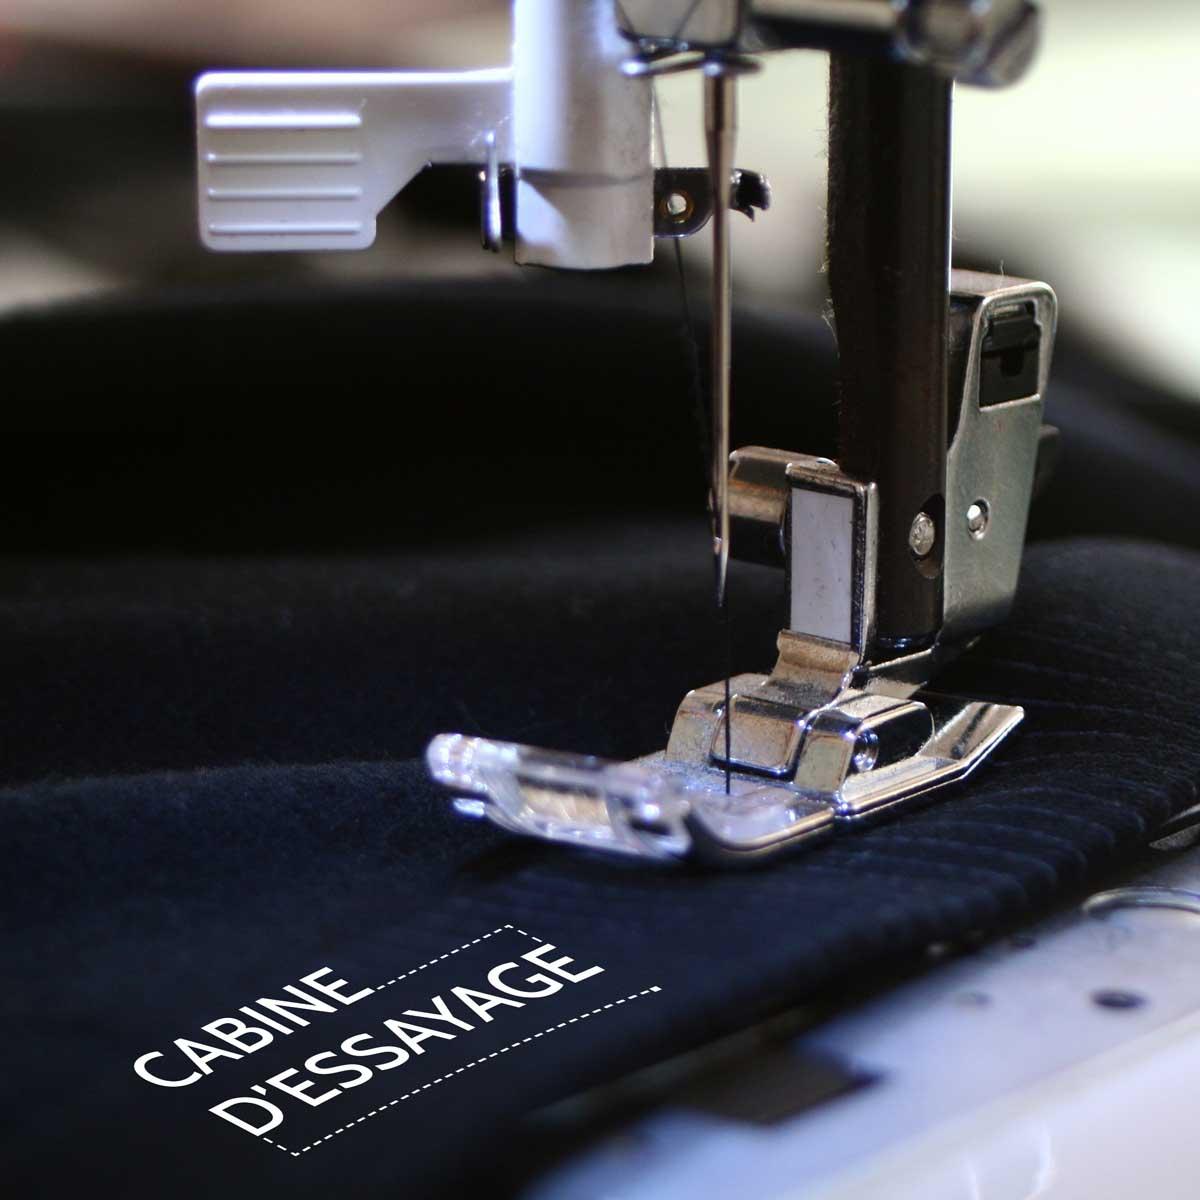 cabine-dessayage-logo-machine-a-coudre